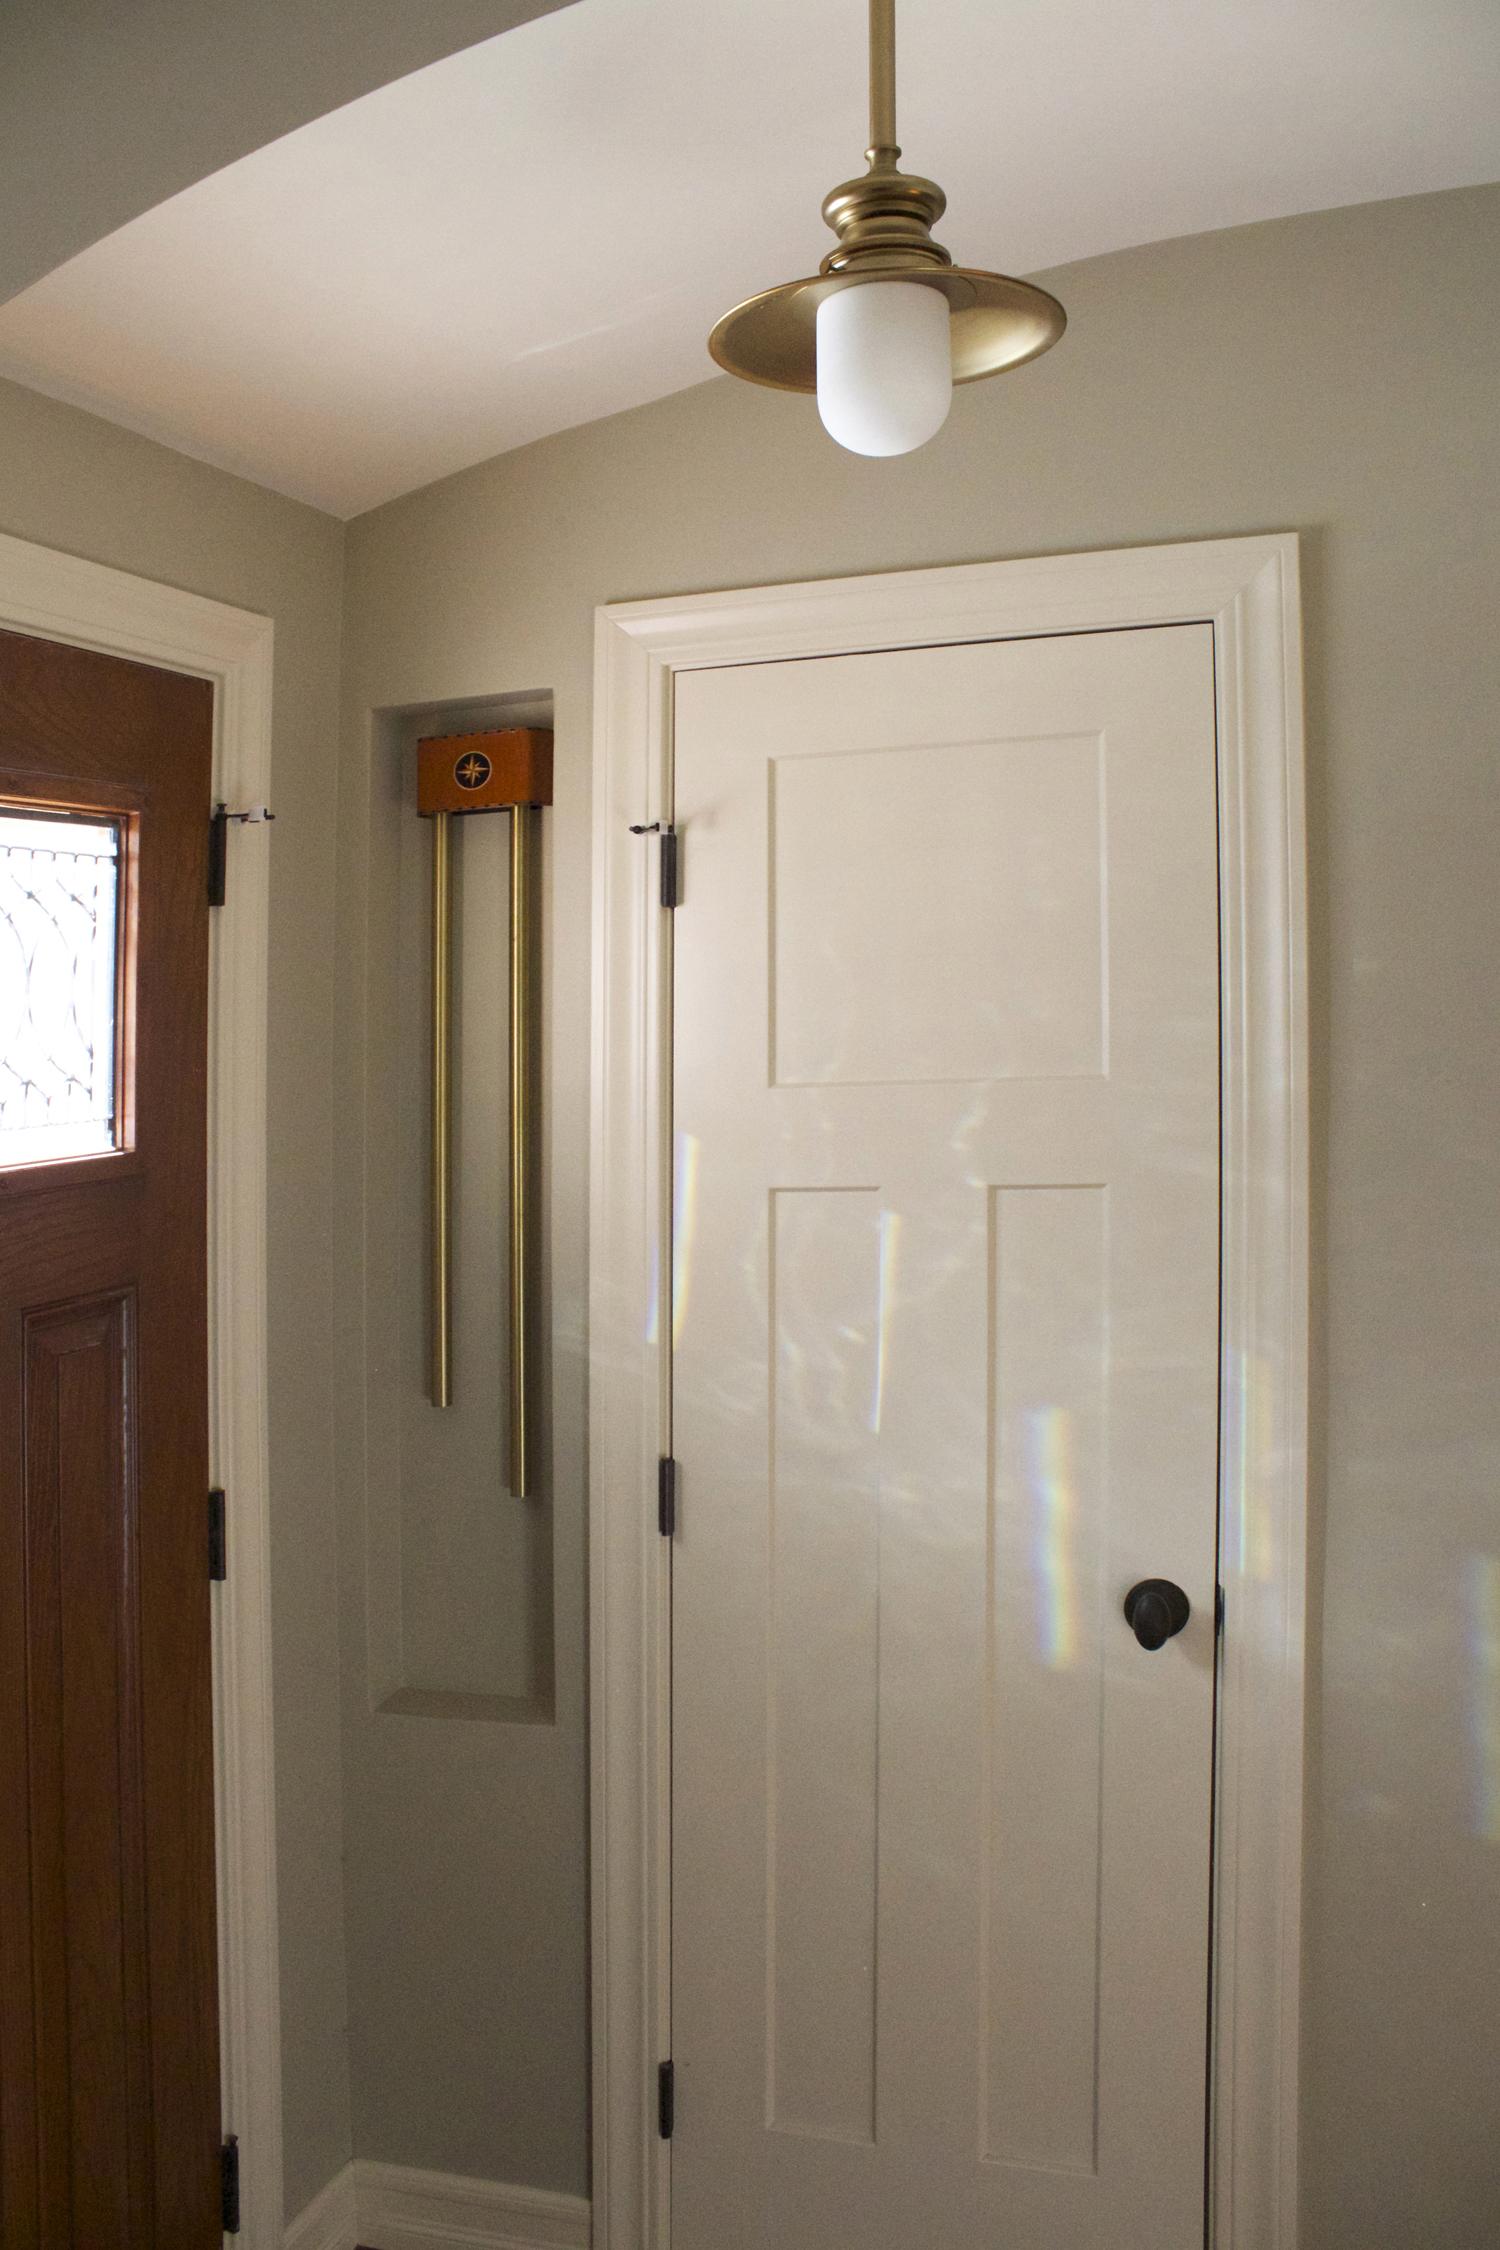 entry-doorbell small.jpg